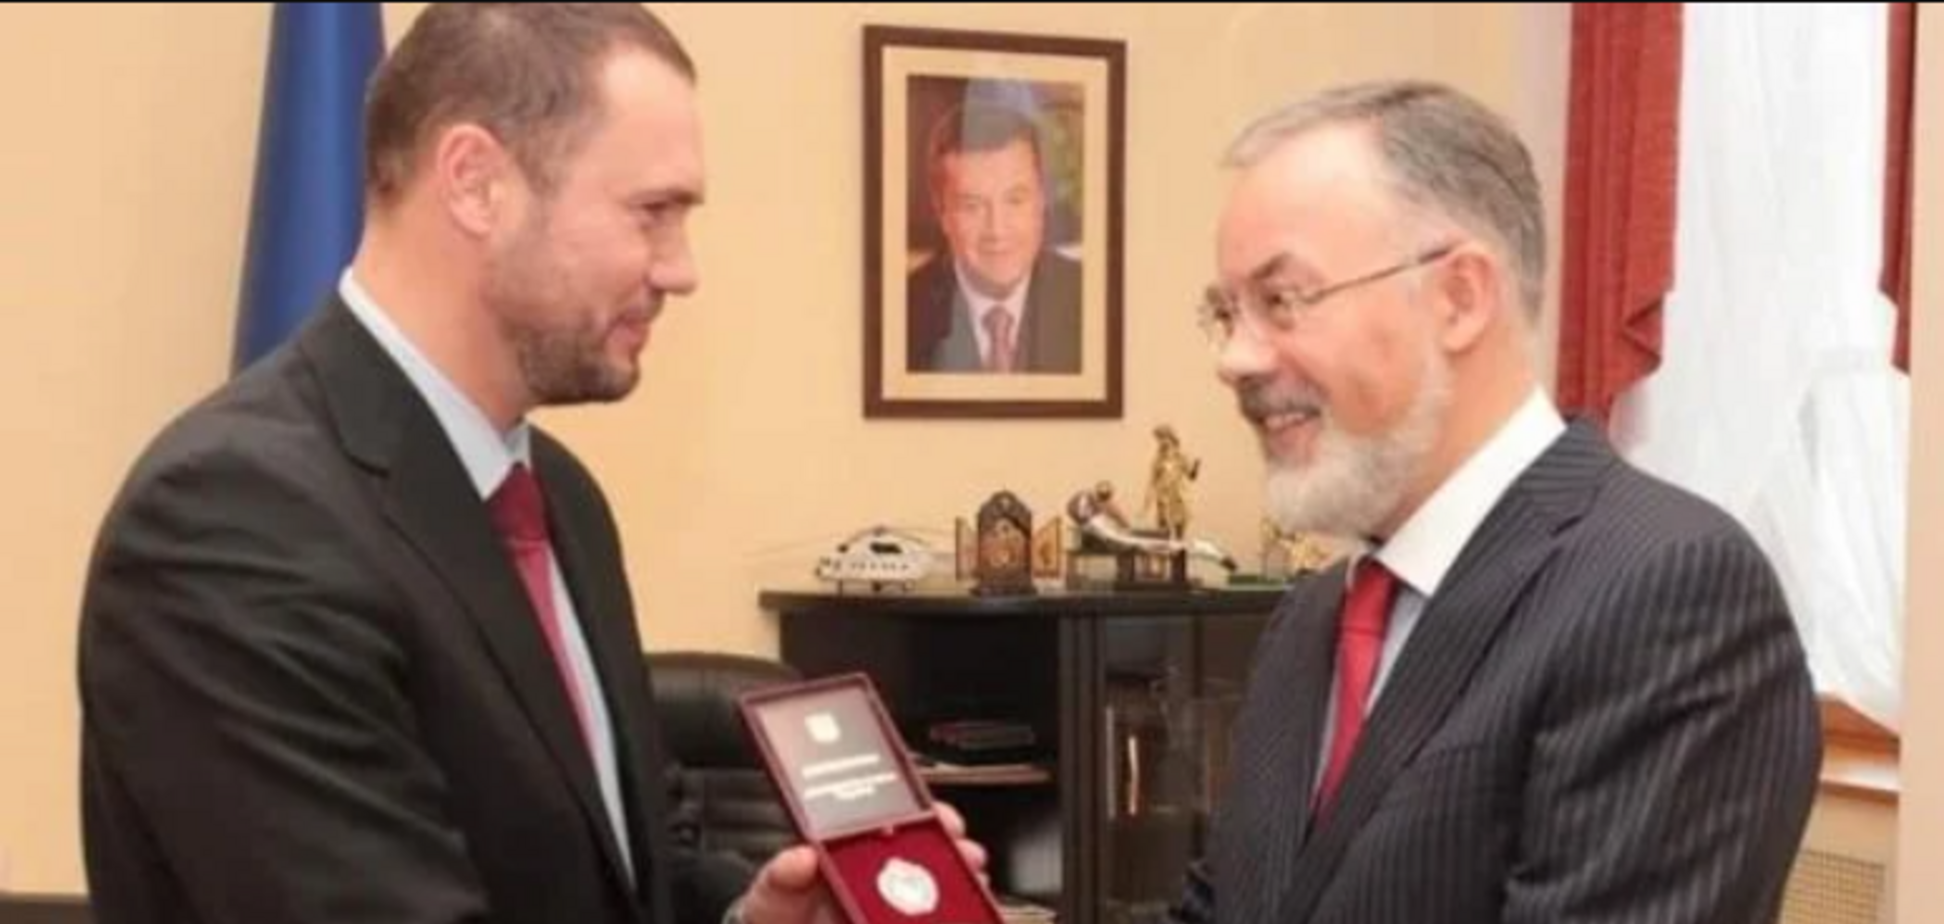 Зеленский назвал кандидатов на главу МОН: среди них есть экс-регионал Шкарлет